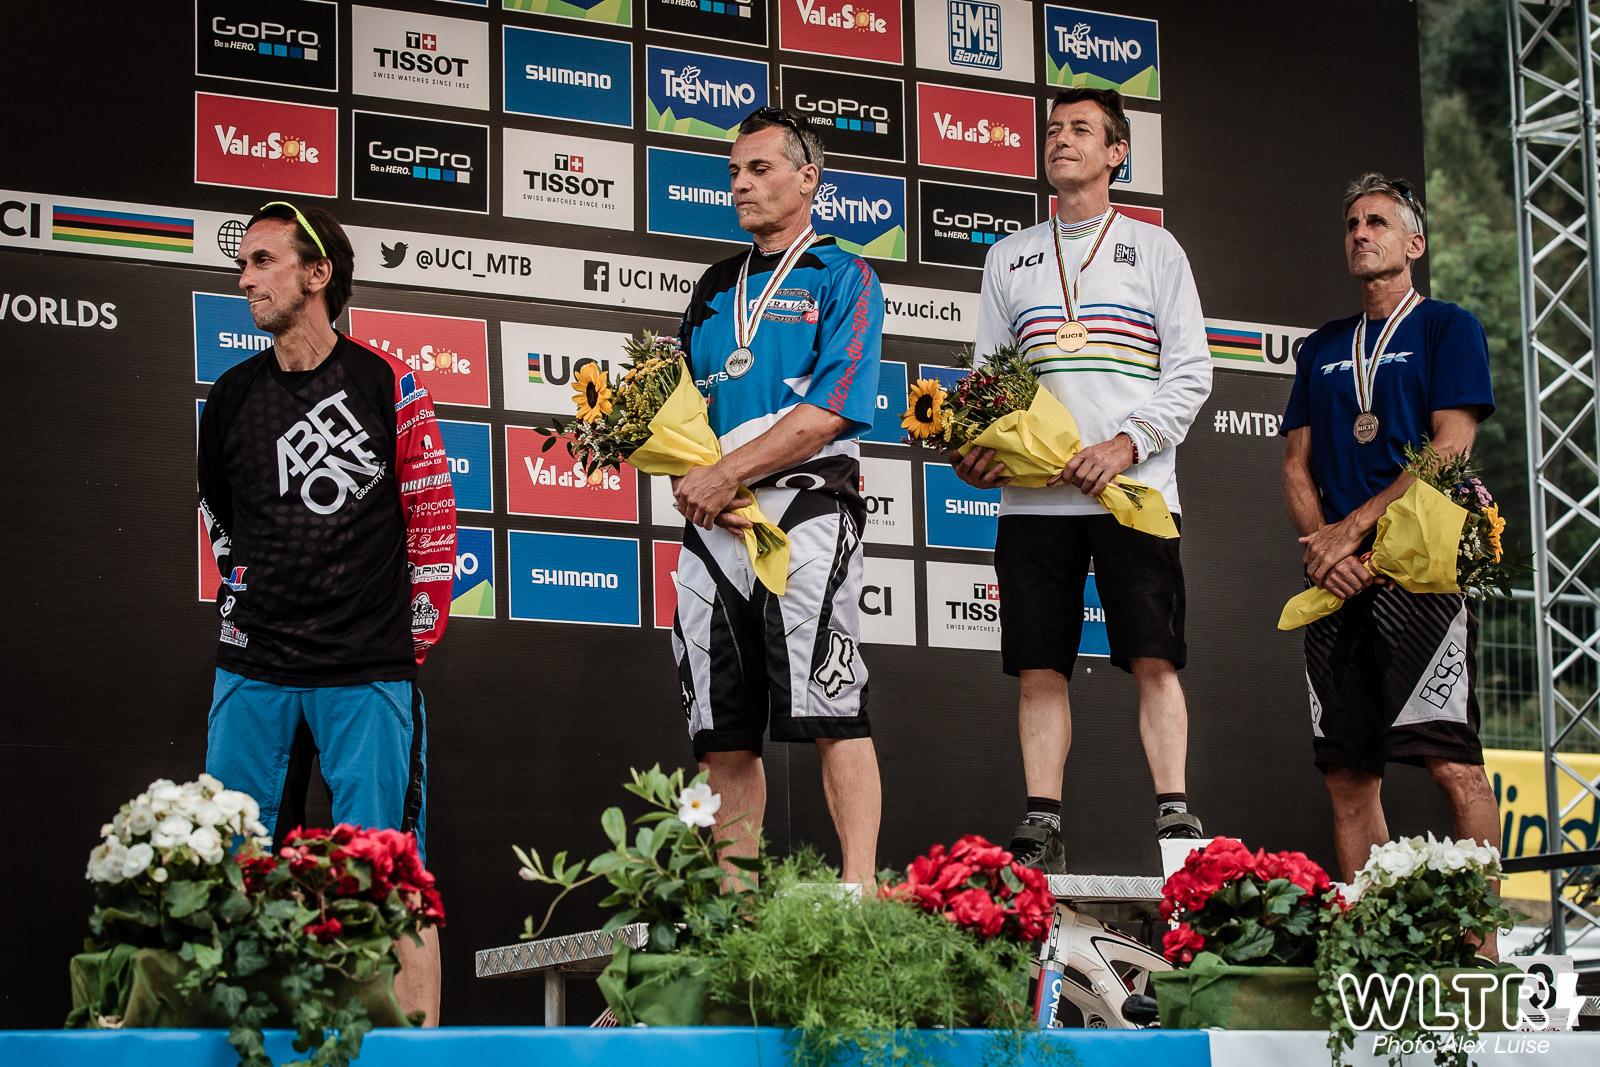 Mondiali Master DH - Val di Sole 2016